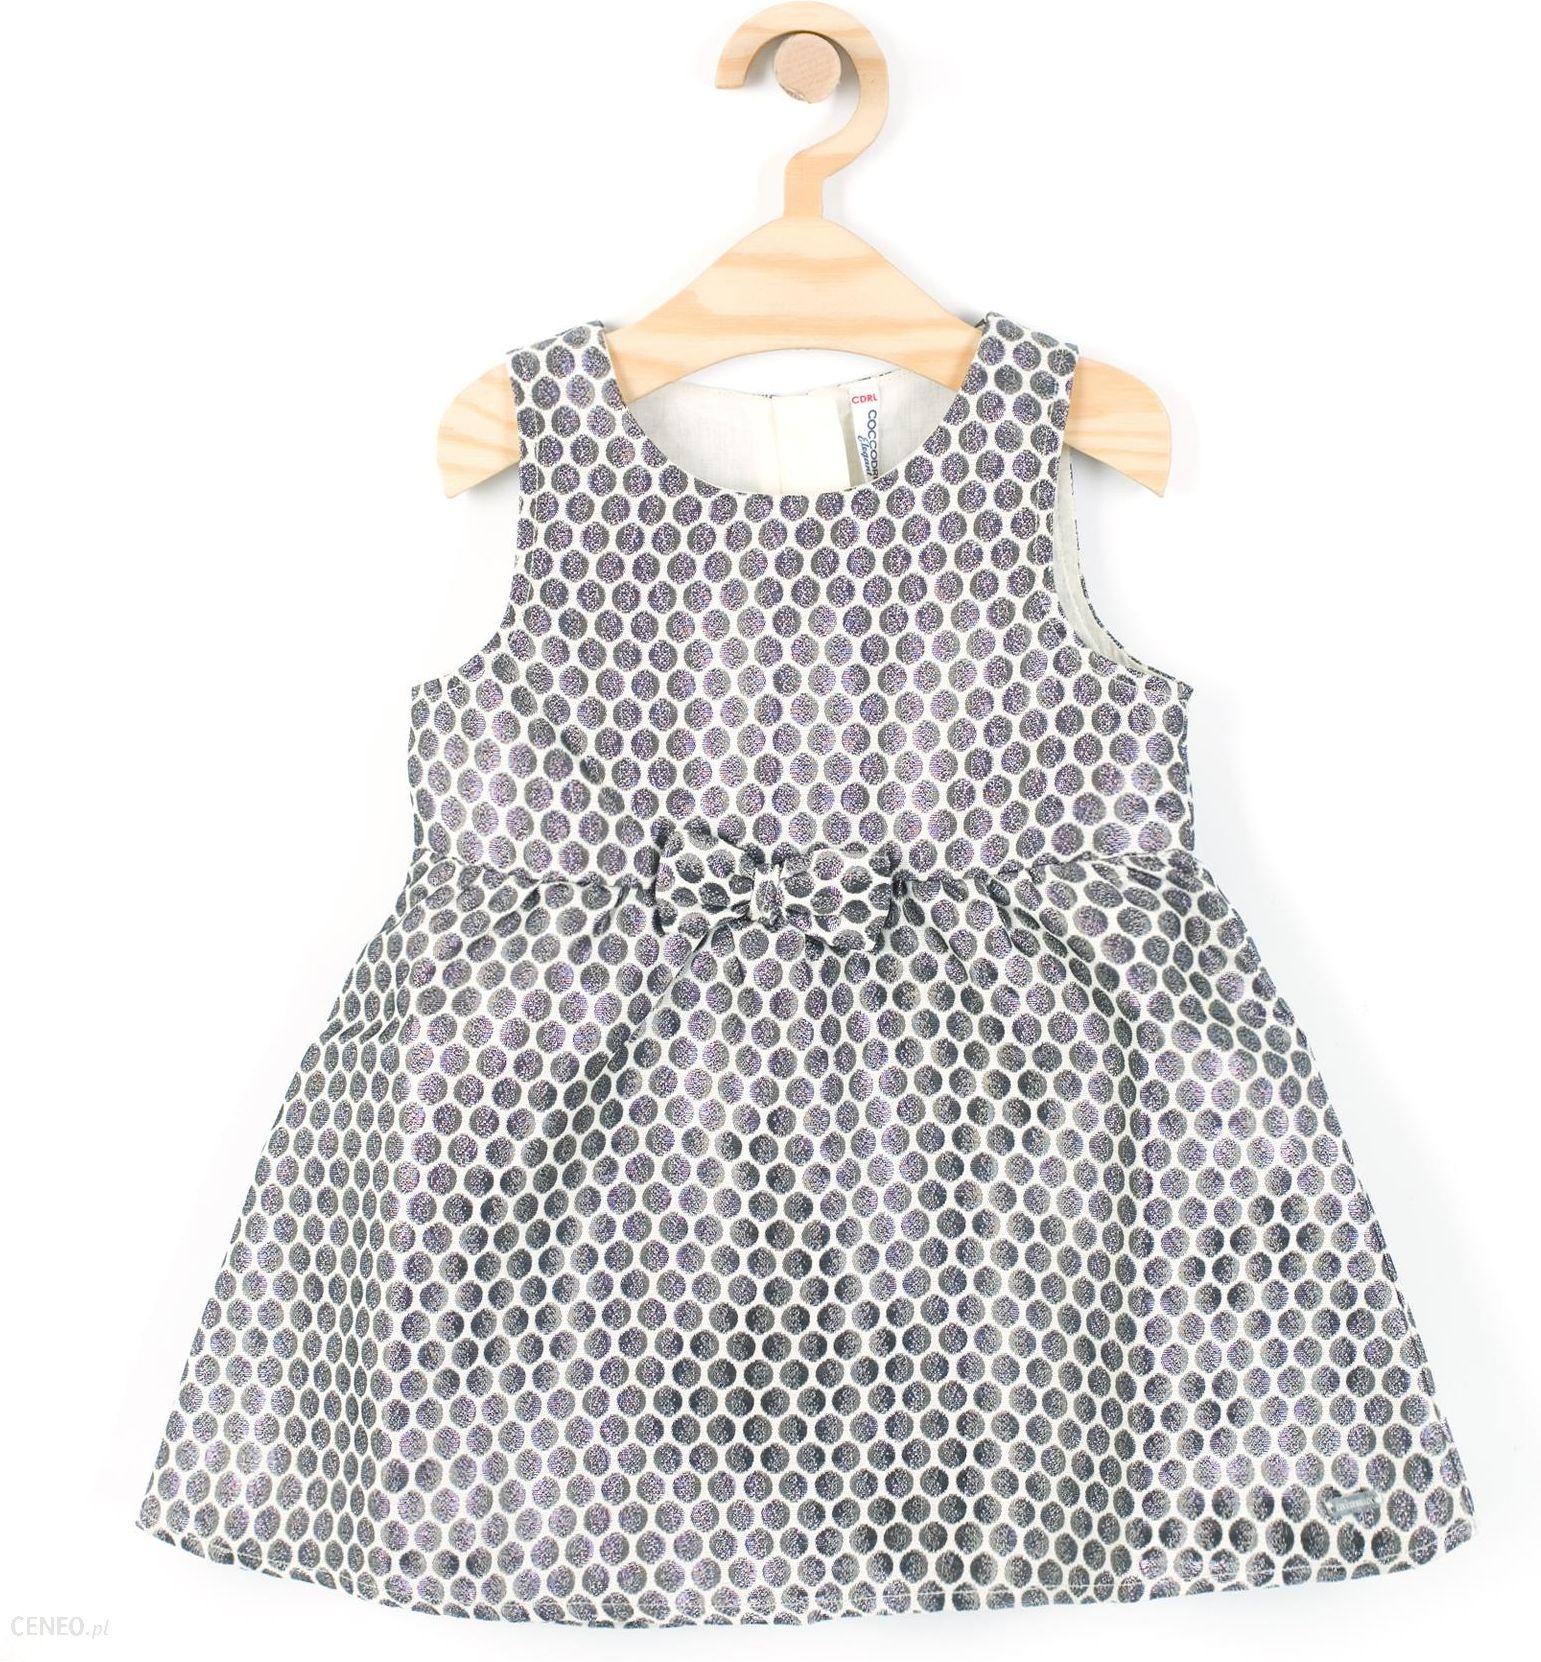 d1cdc7f747 Sukienka dla dziewczynki Coccodrillo - ELEGANT BABY GIRL - Ceny i ...